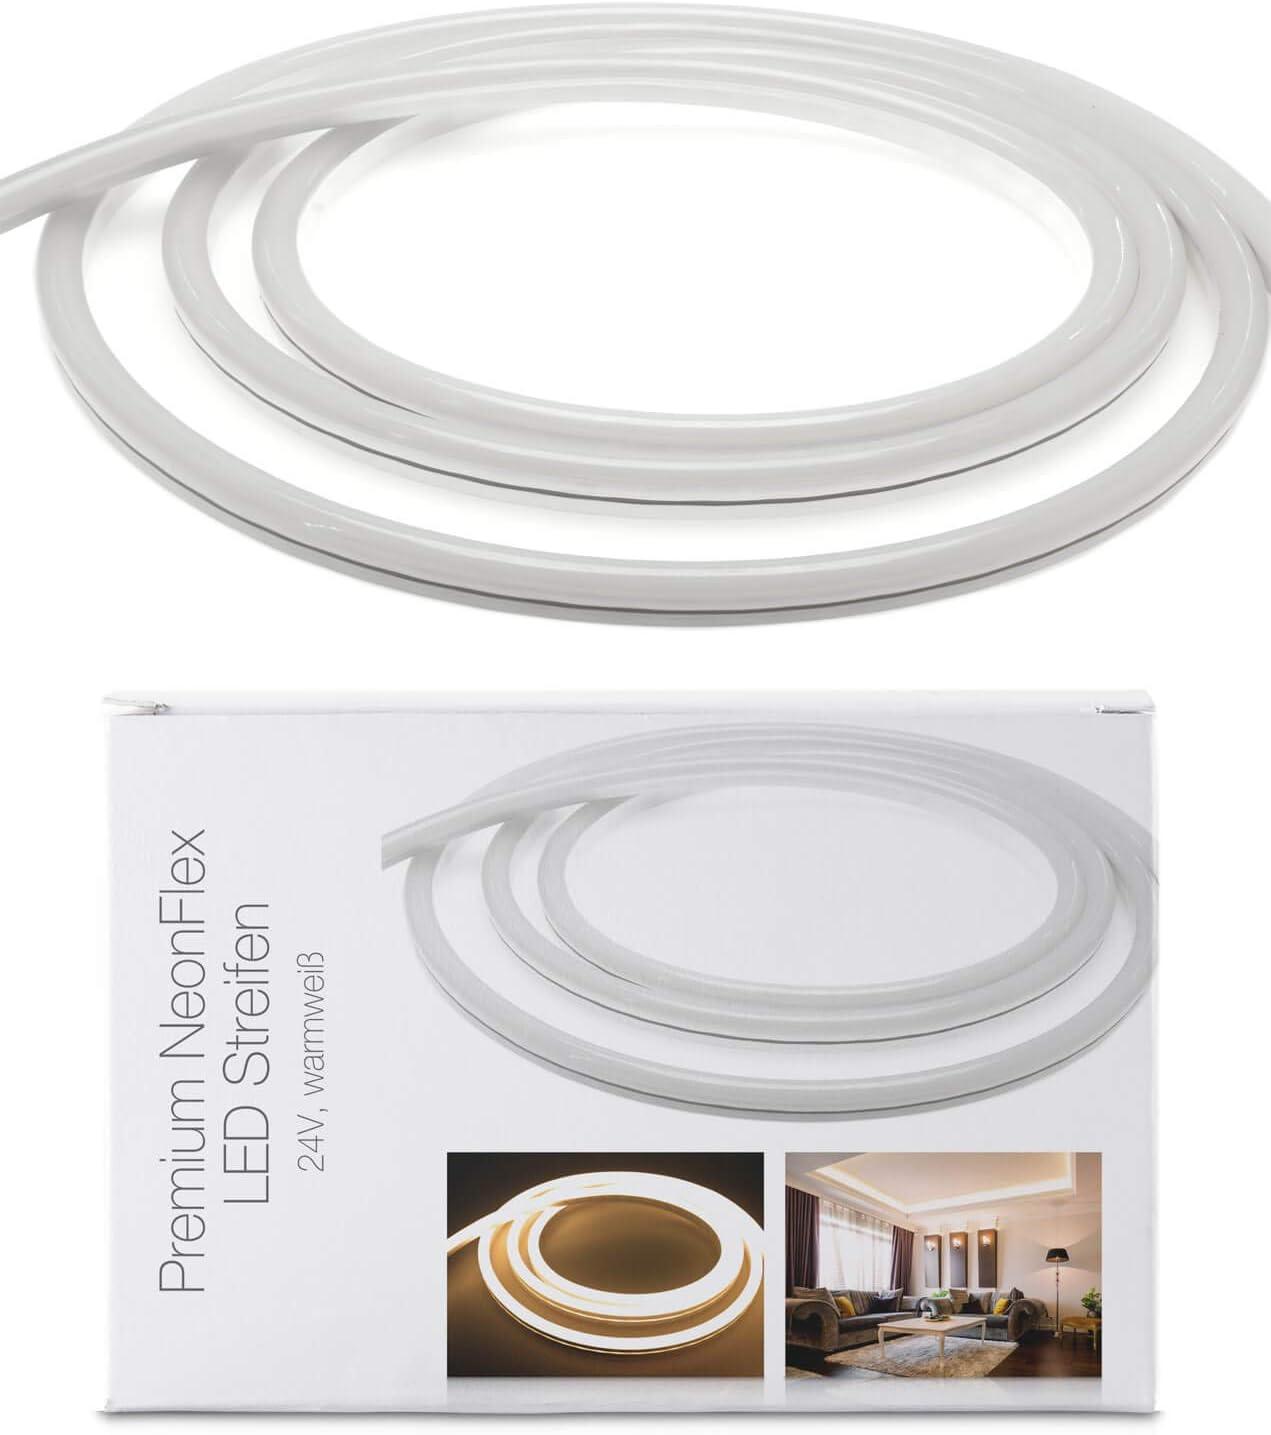 Tira de luces LED Neon Flex de 24 V, IP68, luz blanca cálida, 120 LED/m, 10 m